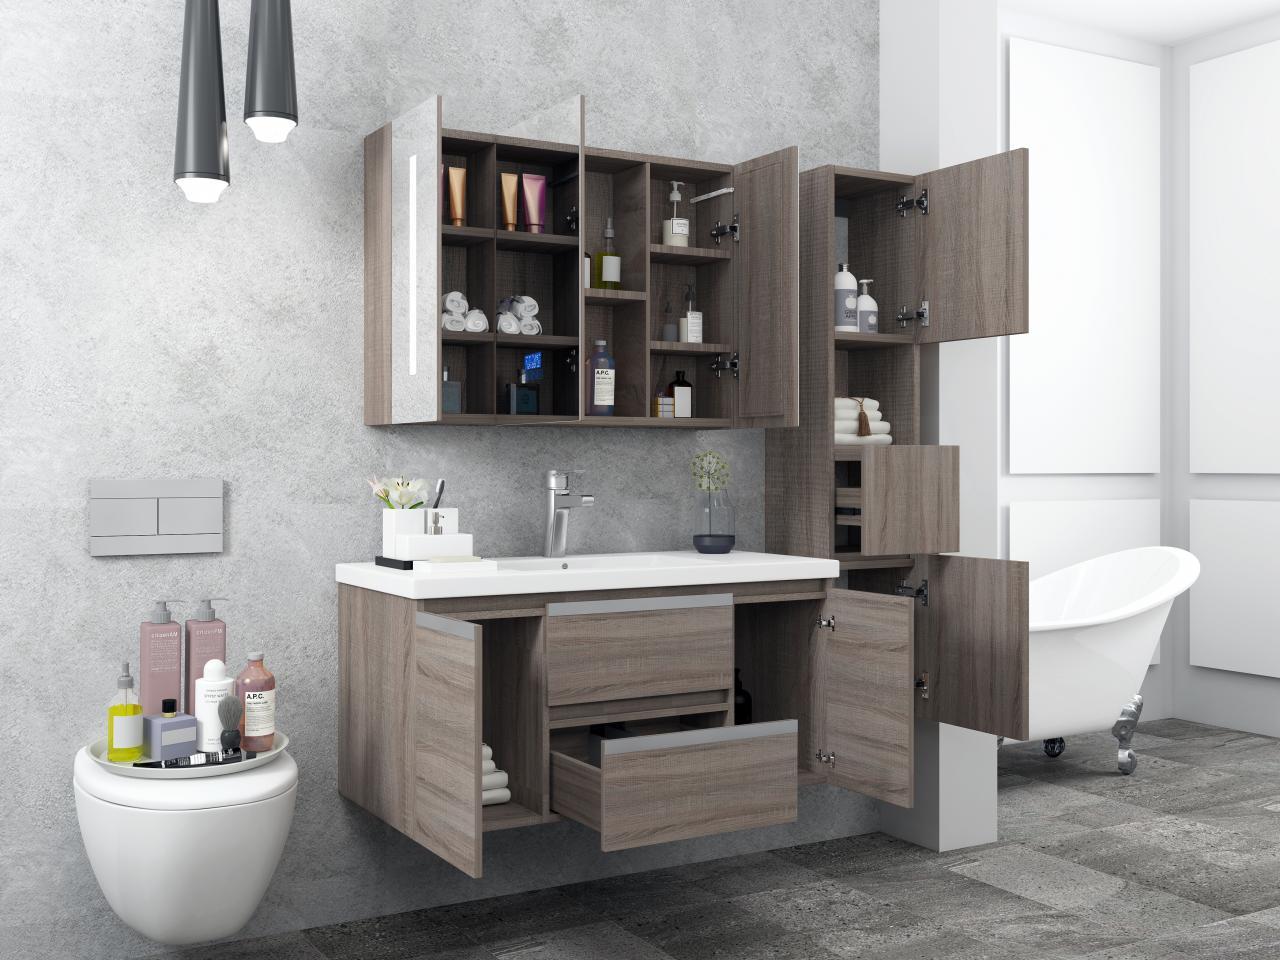 Mobile arredo bagno venice 90 cm spazioso colonna arredo for Arredo bagno mestre